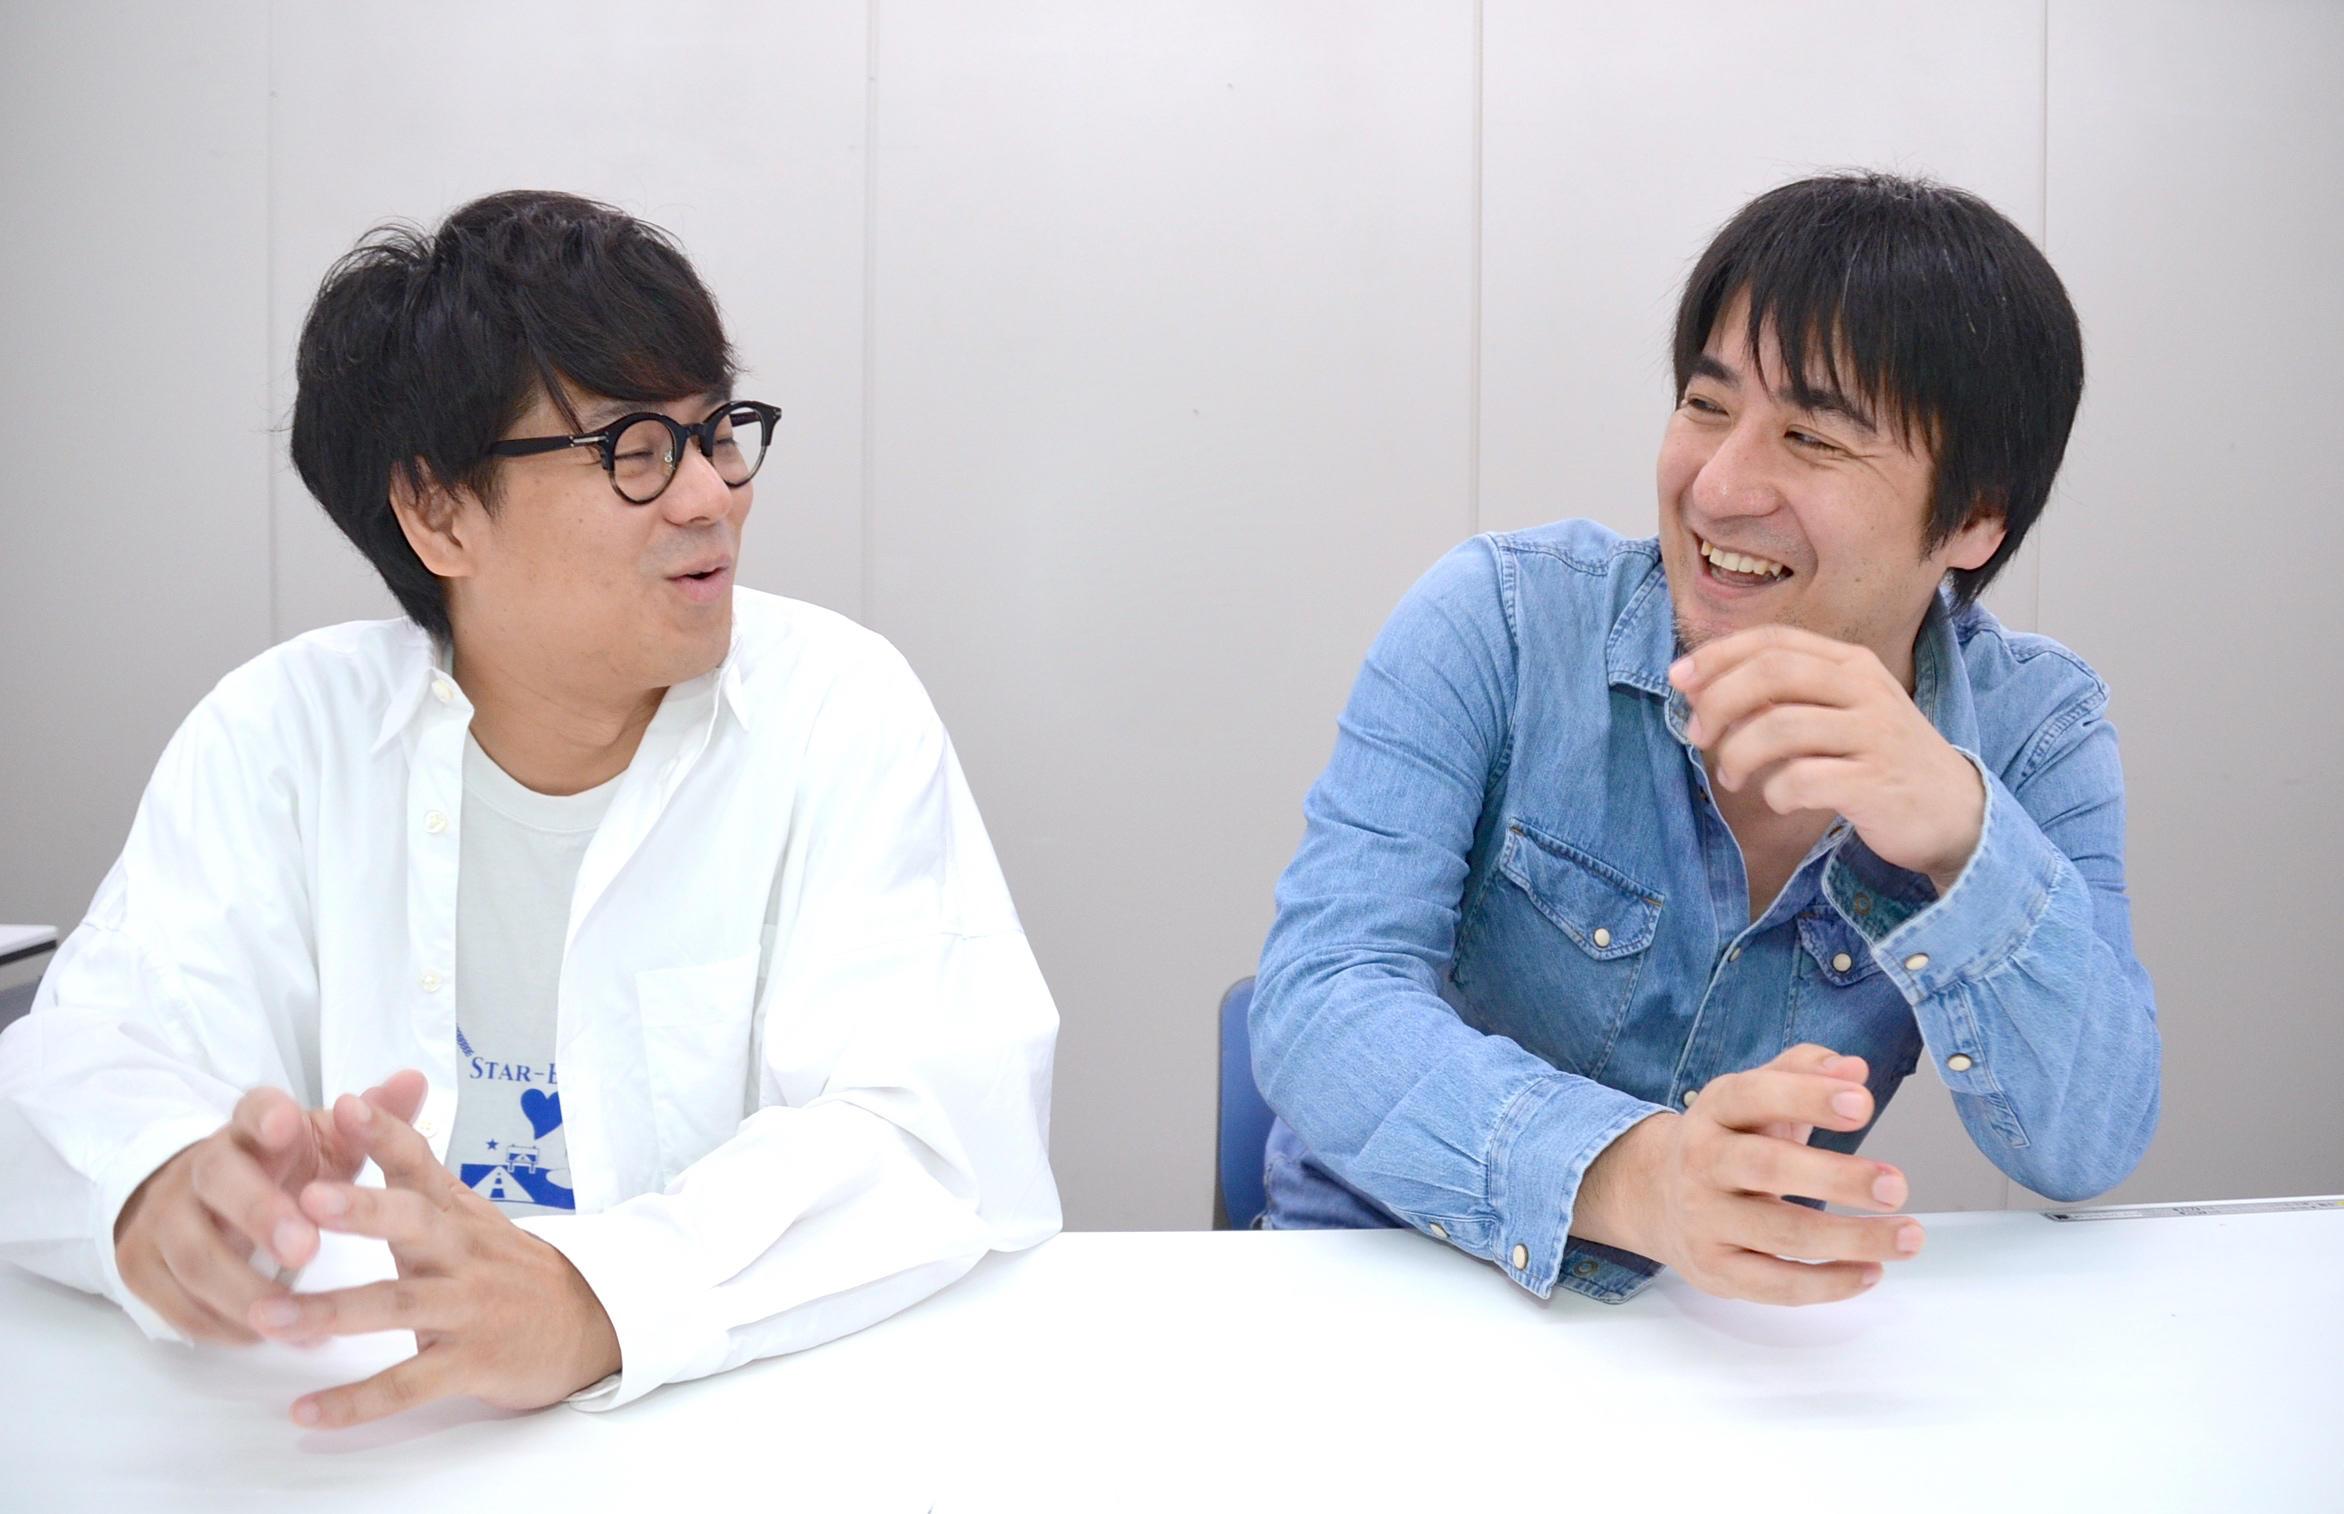 佐久間宣行P(テレビ東京)×藤井健太郎P(TBS)局を越えてバラエティを語る(後編)